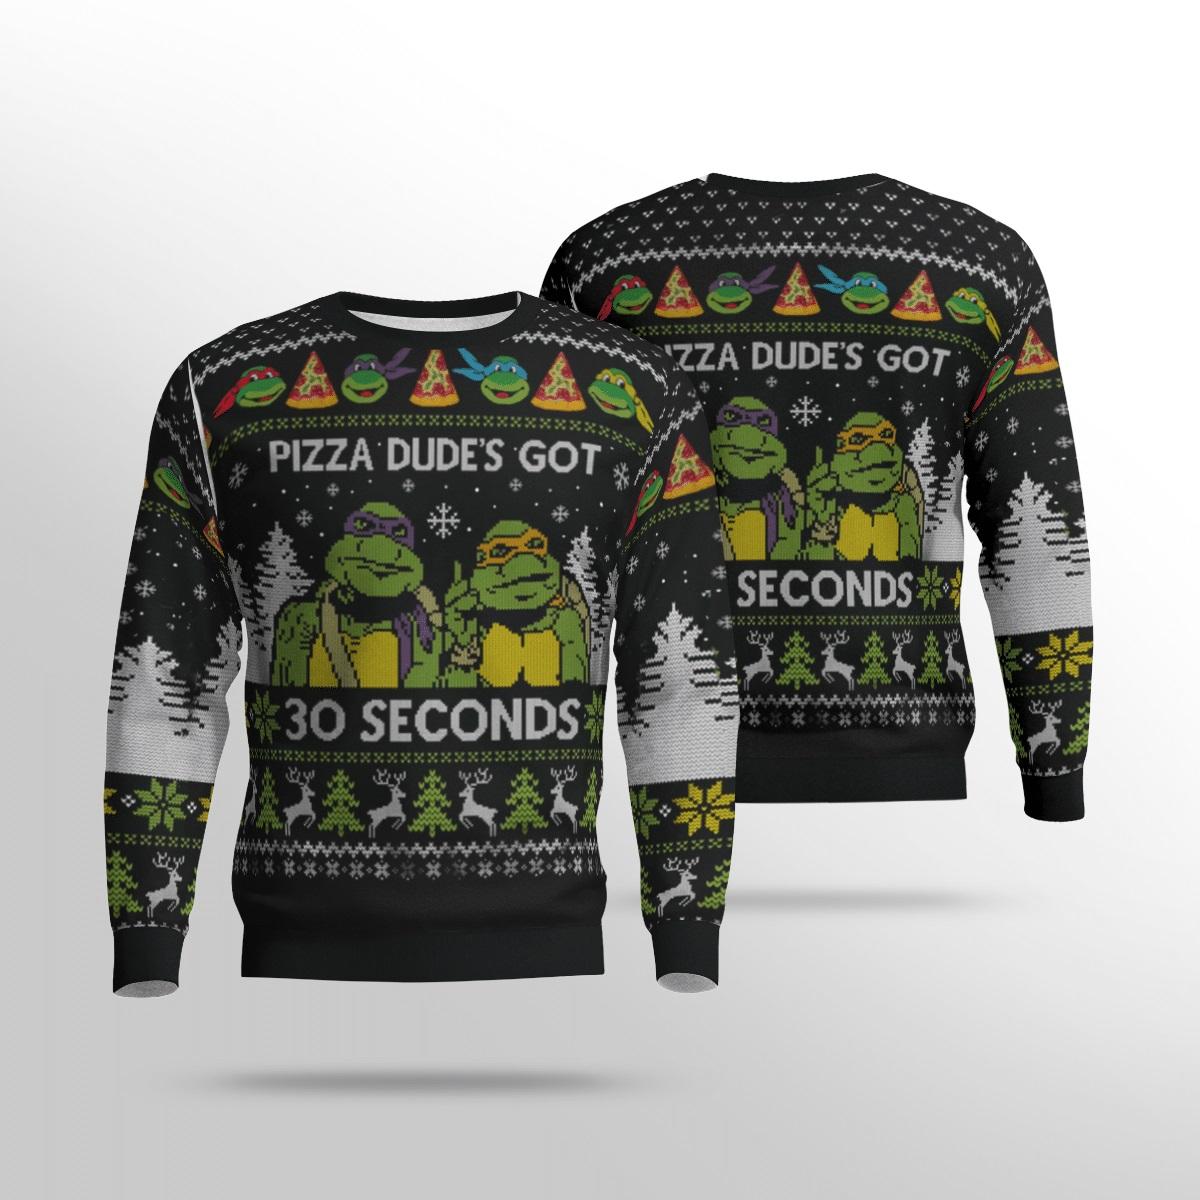 Ninja turtles Pizza dude's got 30 seconds sweater